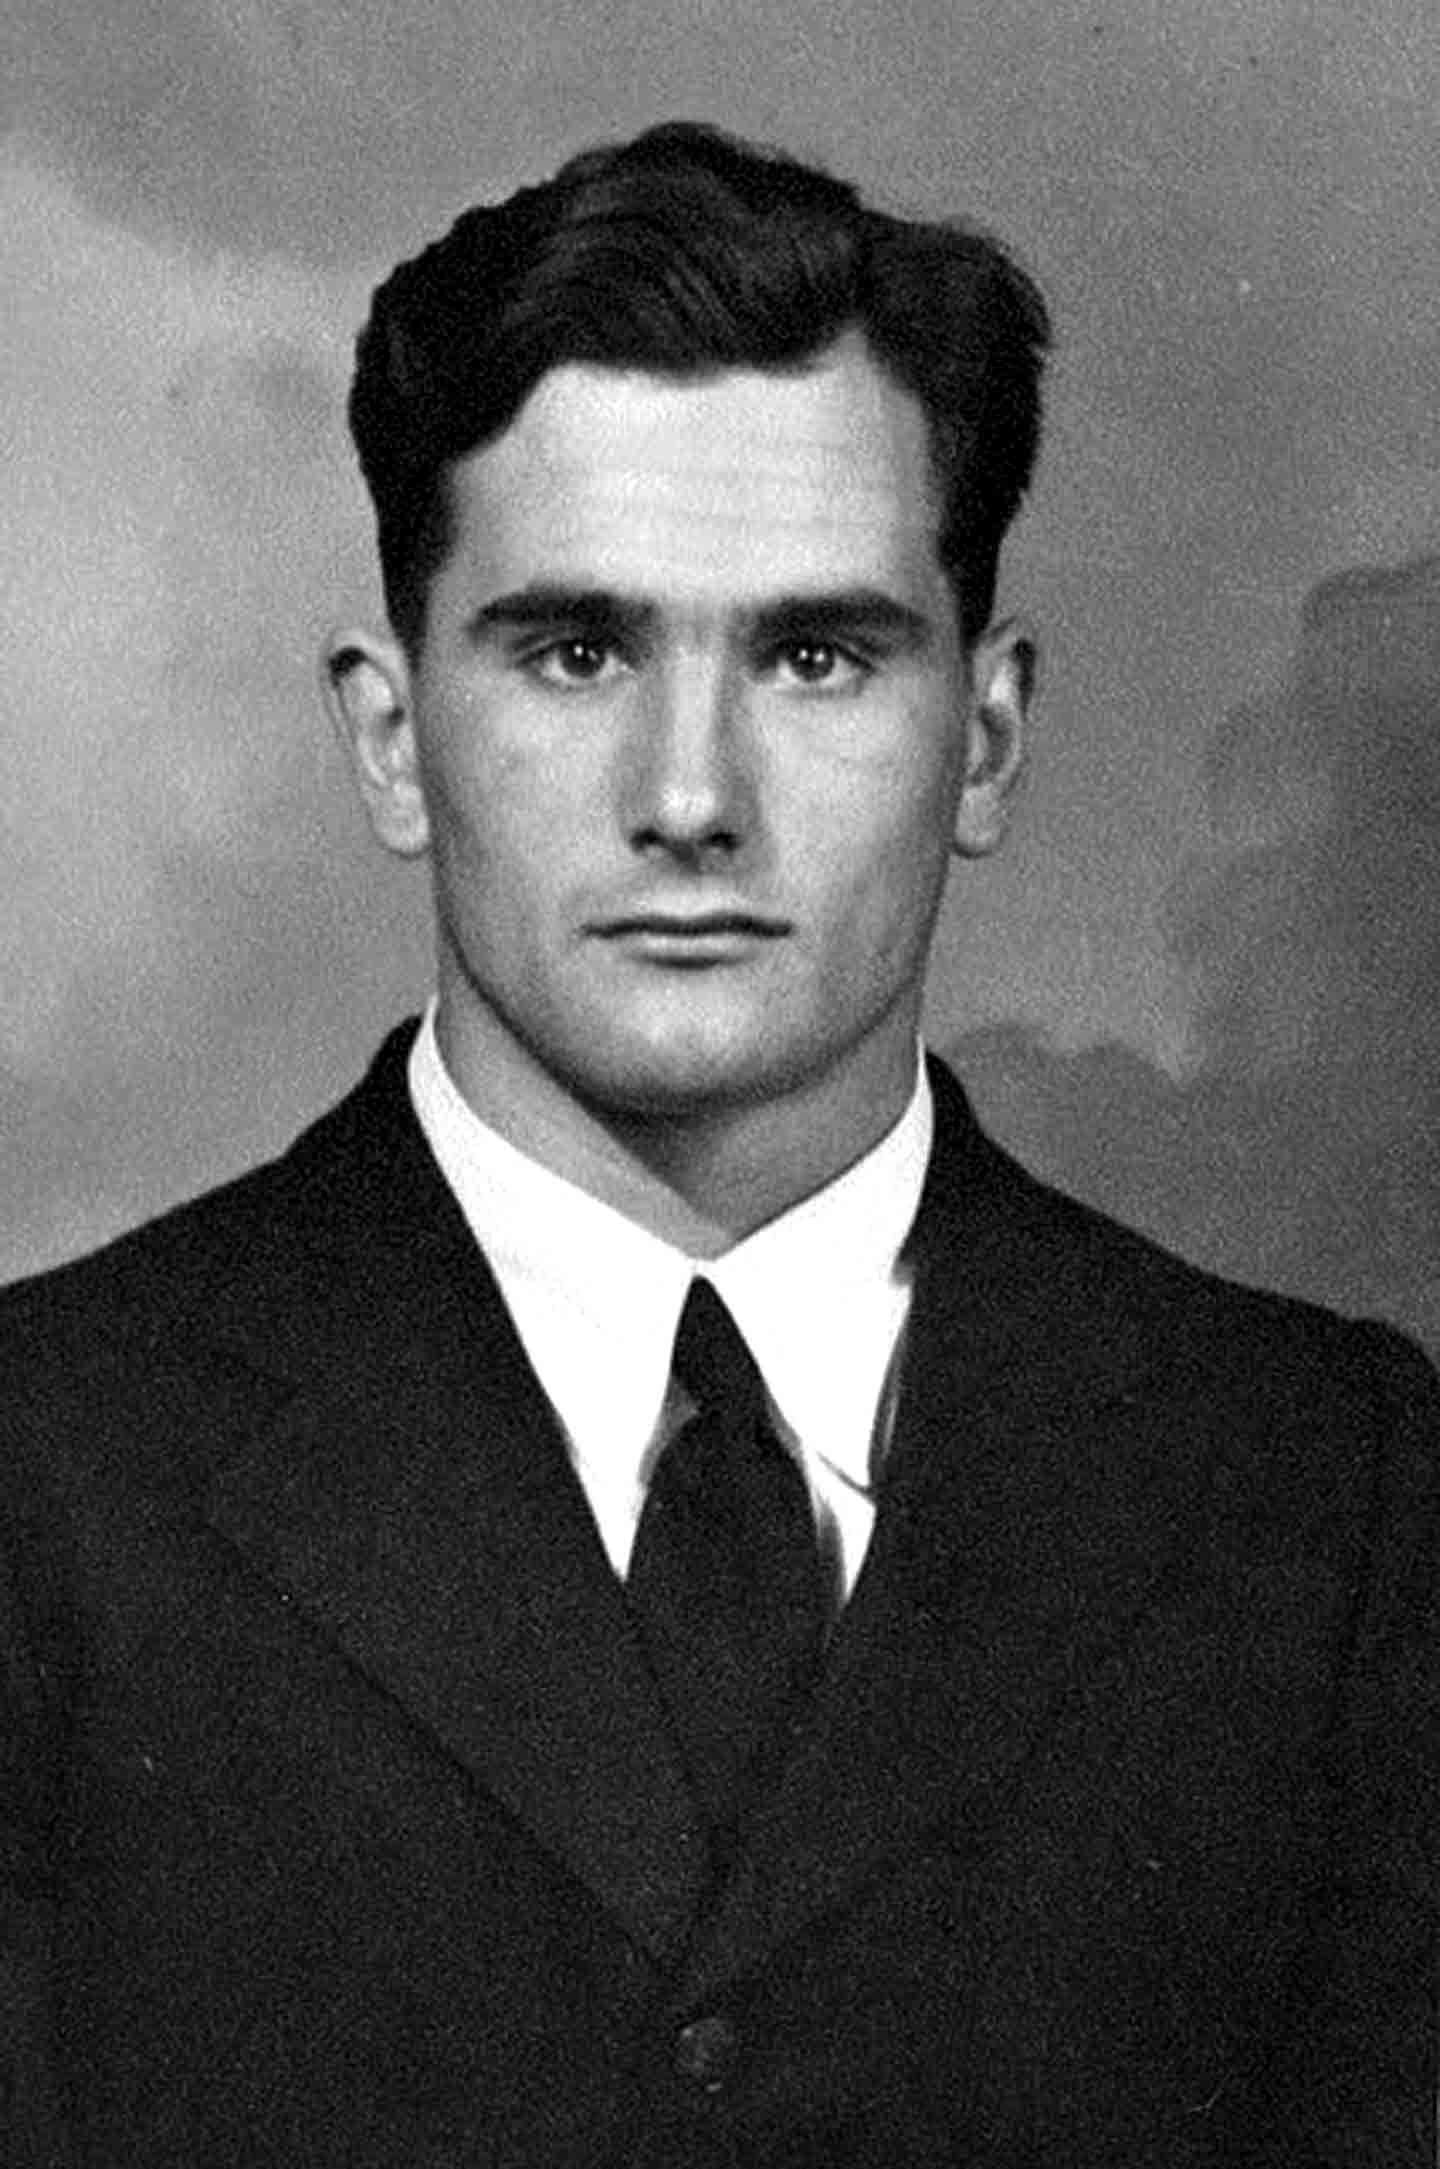 1930s male facial hair